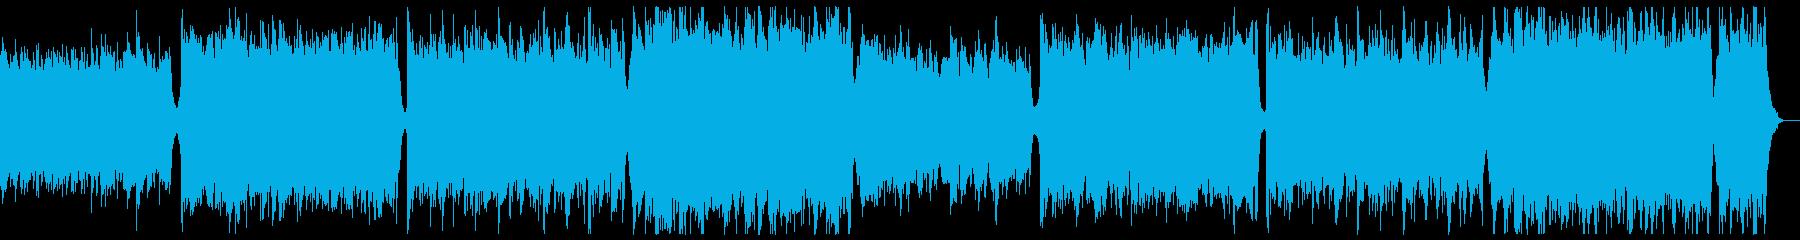 知的なシネマティックピアノ:フル2回の再生済みの波形